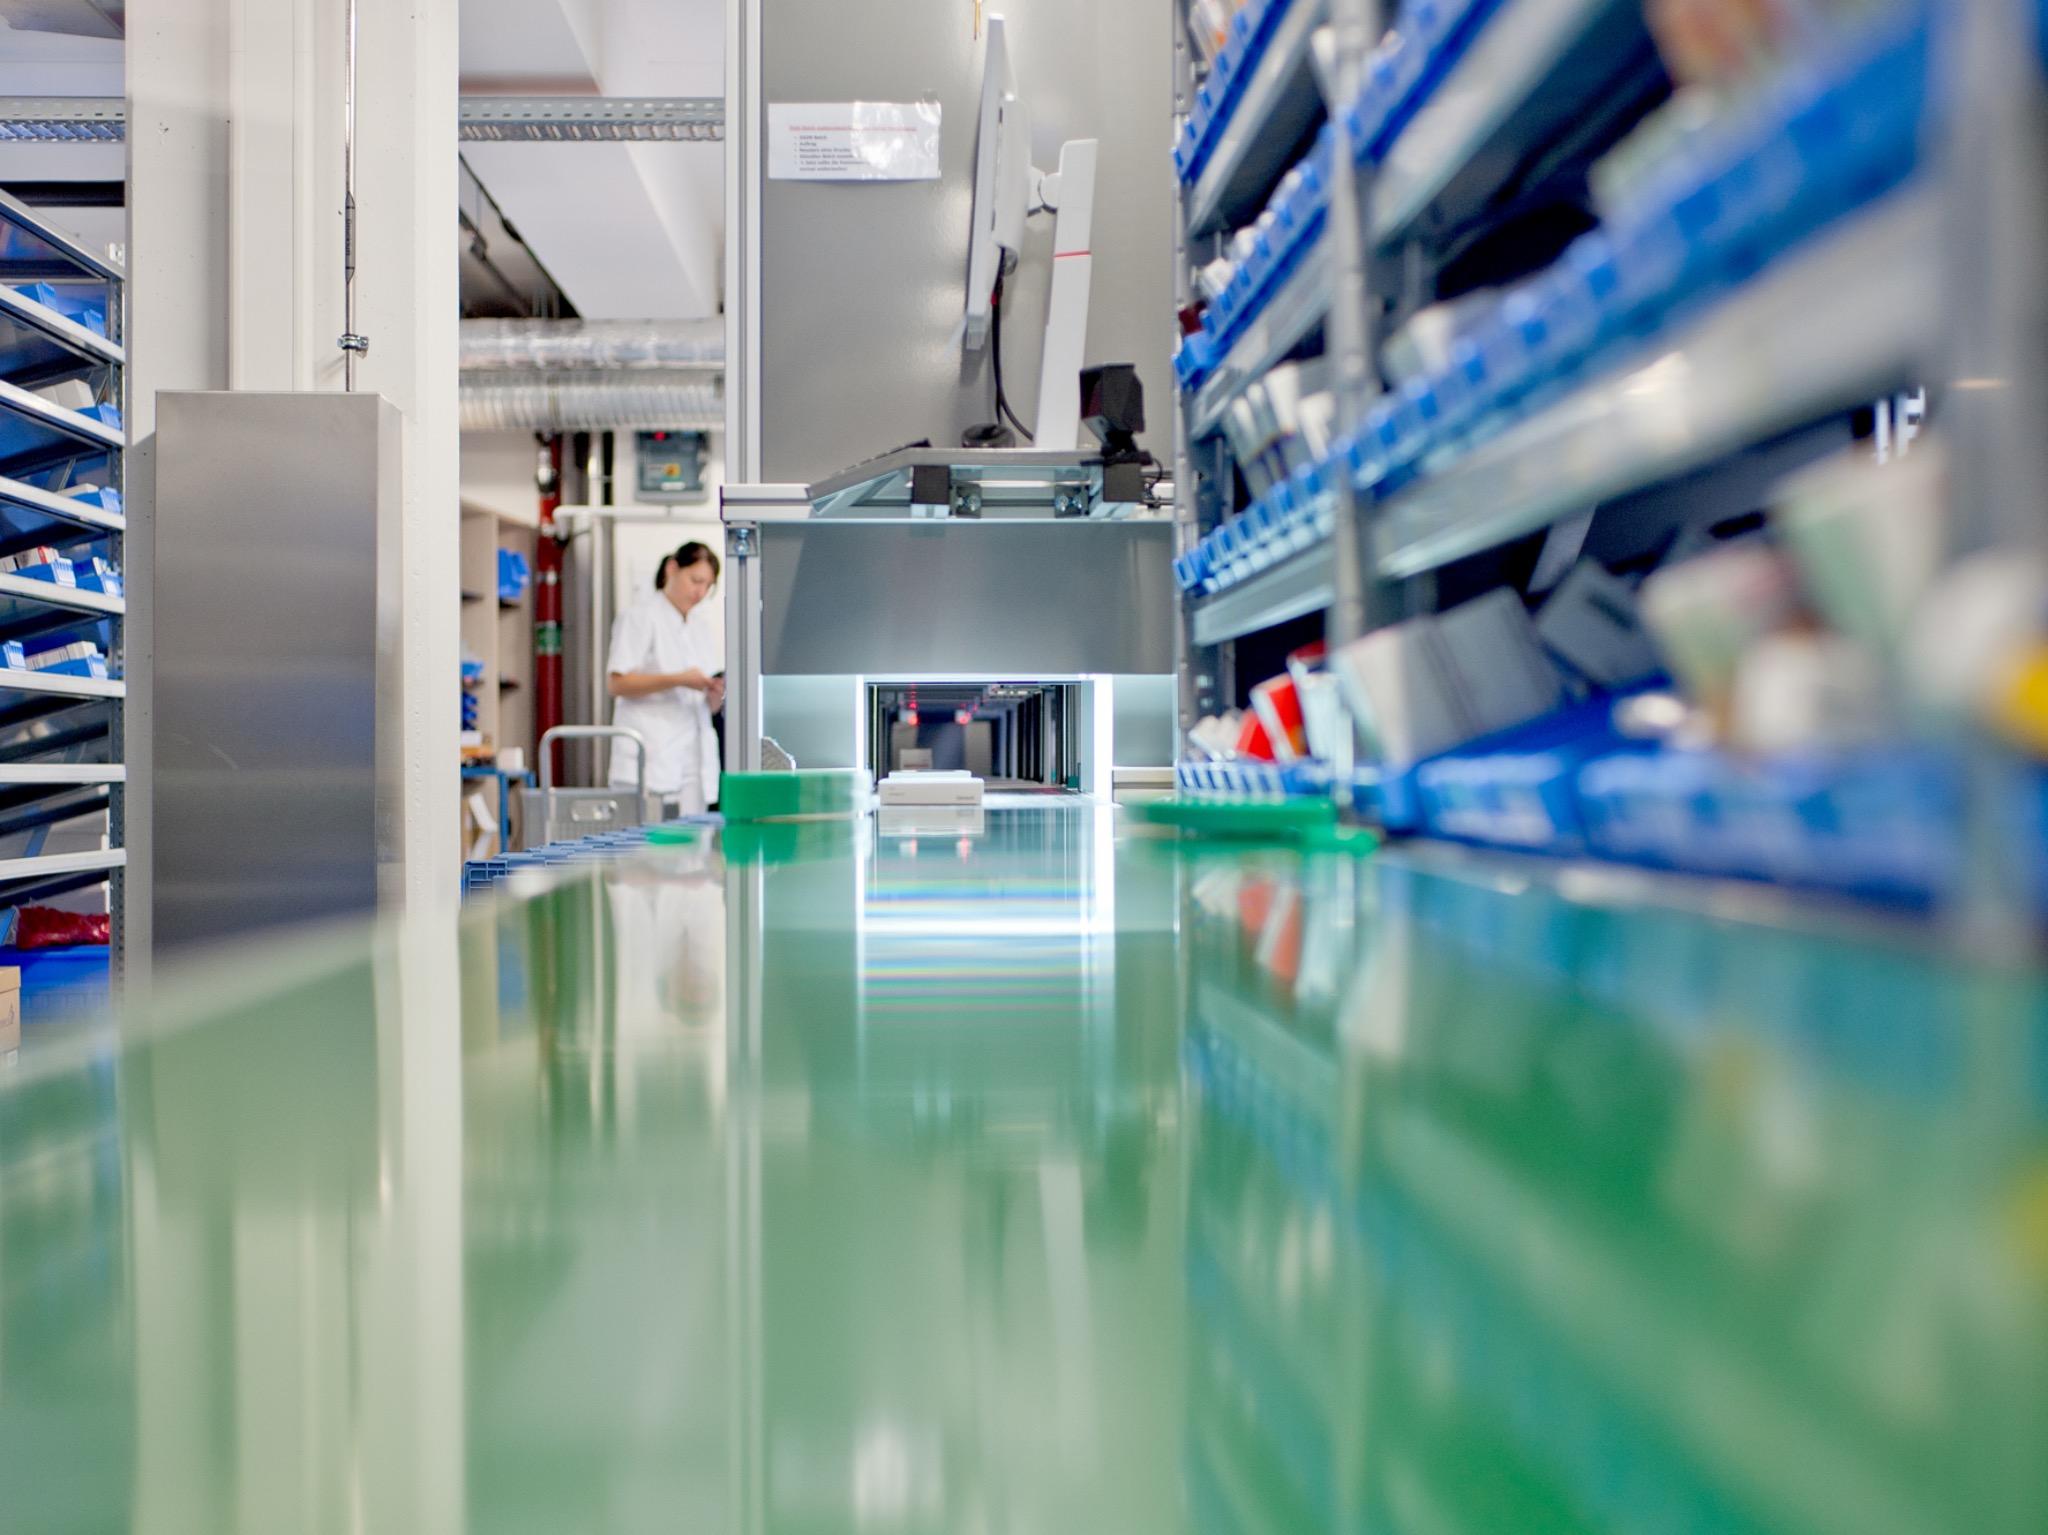 Seit dem Jahr 2014 ist in der Klinikapotheke ein halbautomatisches Kommissionierungssystem im Einsatz. Foto: Daniel Peter / Uniklinikum Würzburg